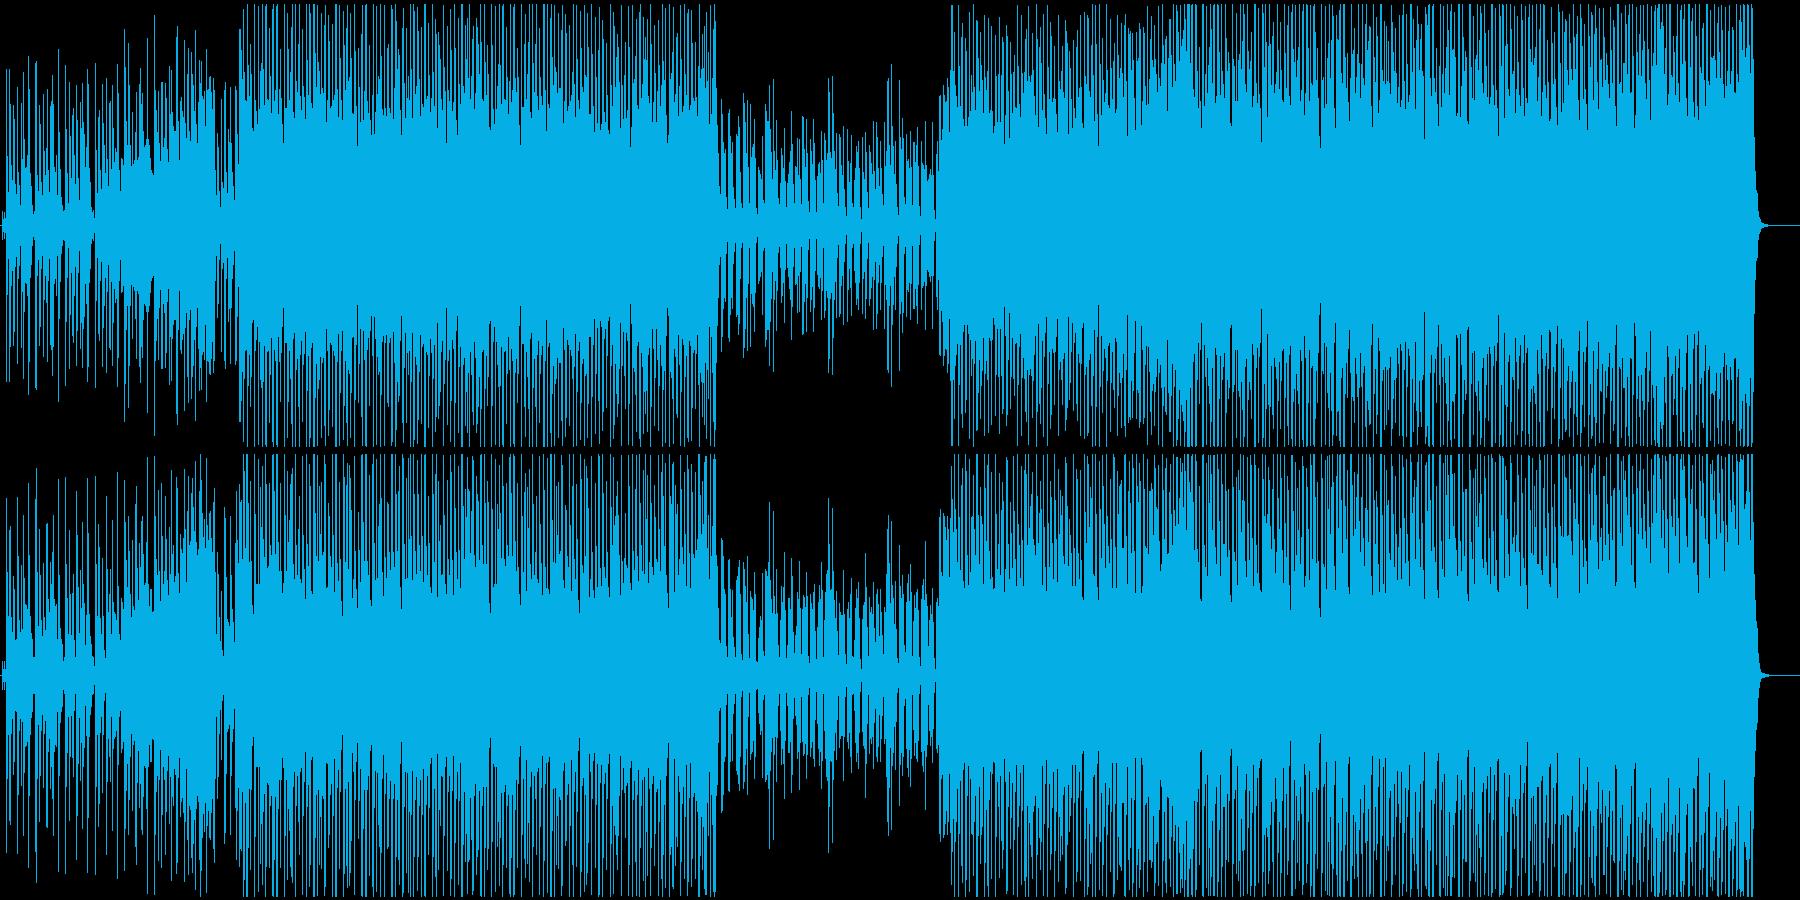 アメリカンでワクワクするコンセプトBGMの再生済みの波形